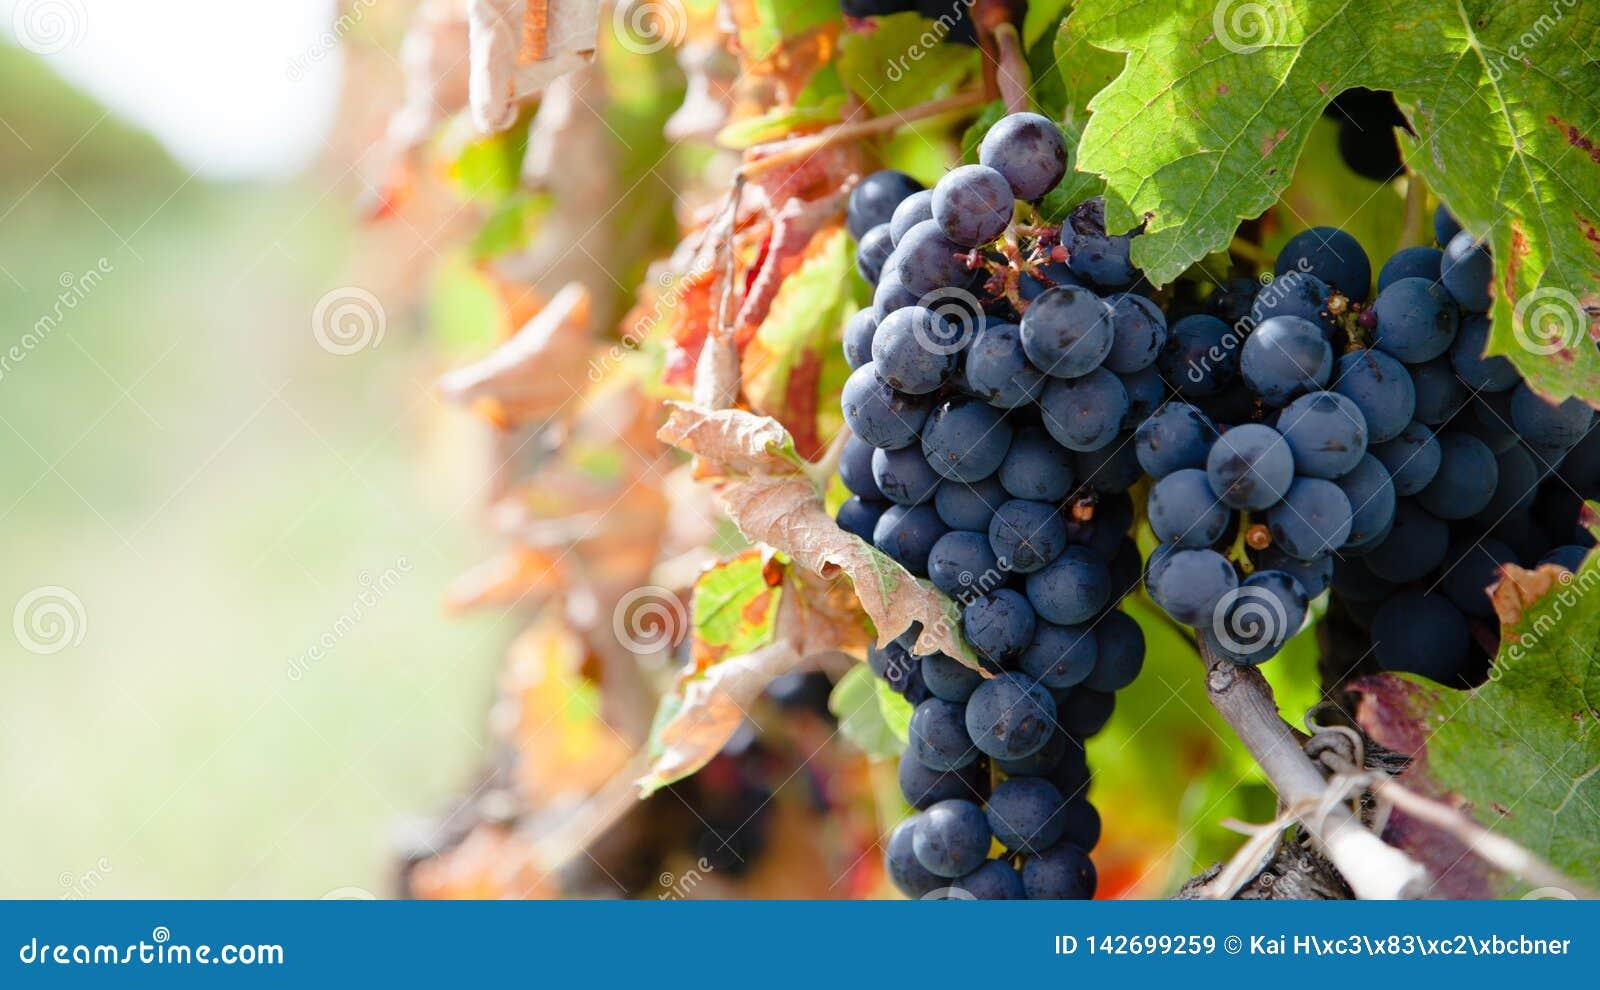 Закройте вверх на красных виноградинах в винограднике в краткости поздним летом перед сбором